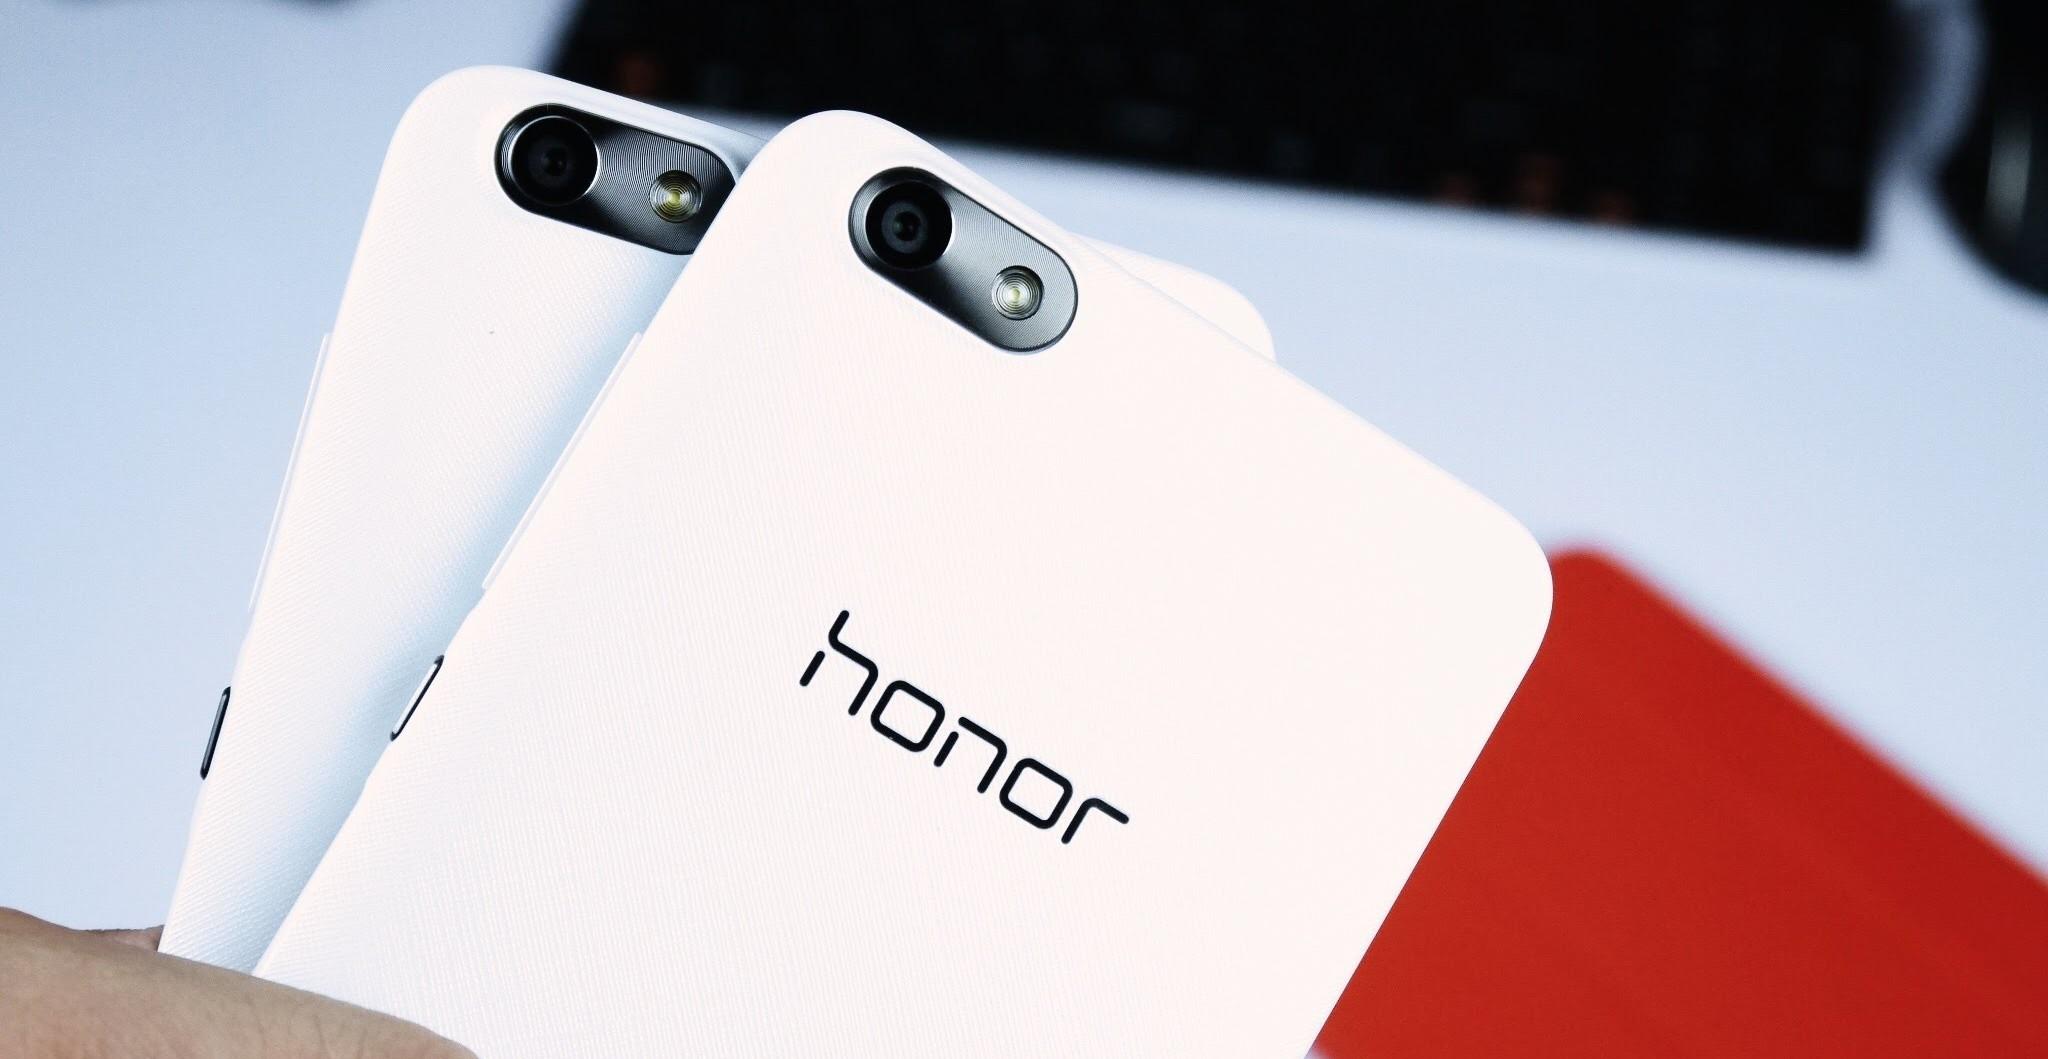 Honor 4X monta un sensor de 13 MP